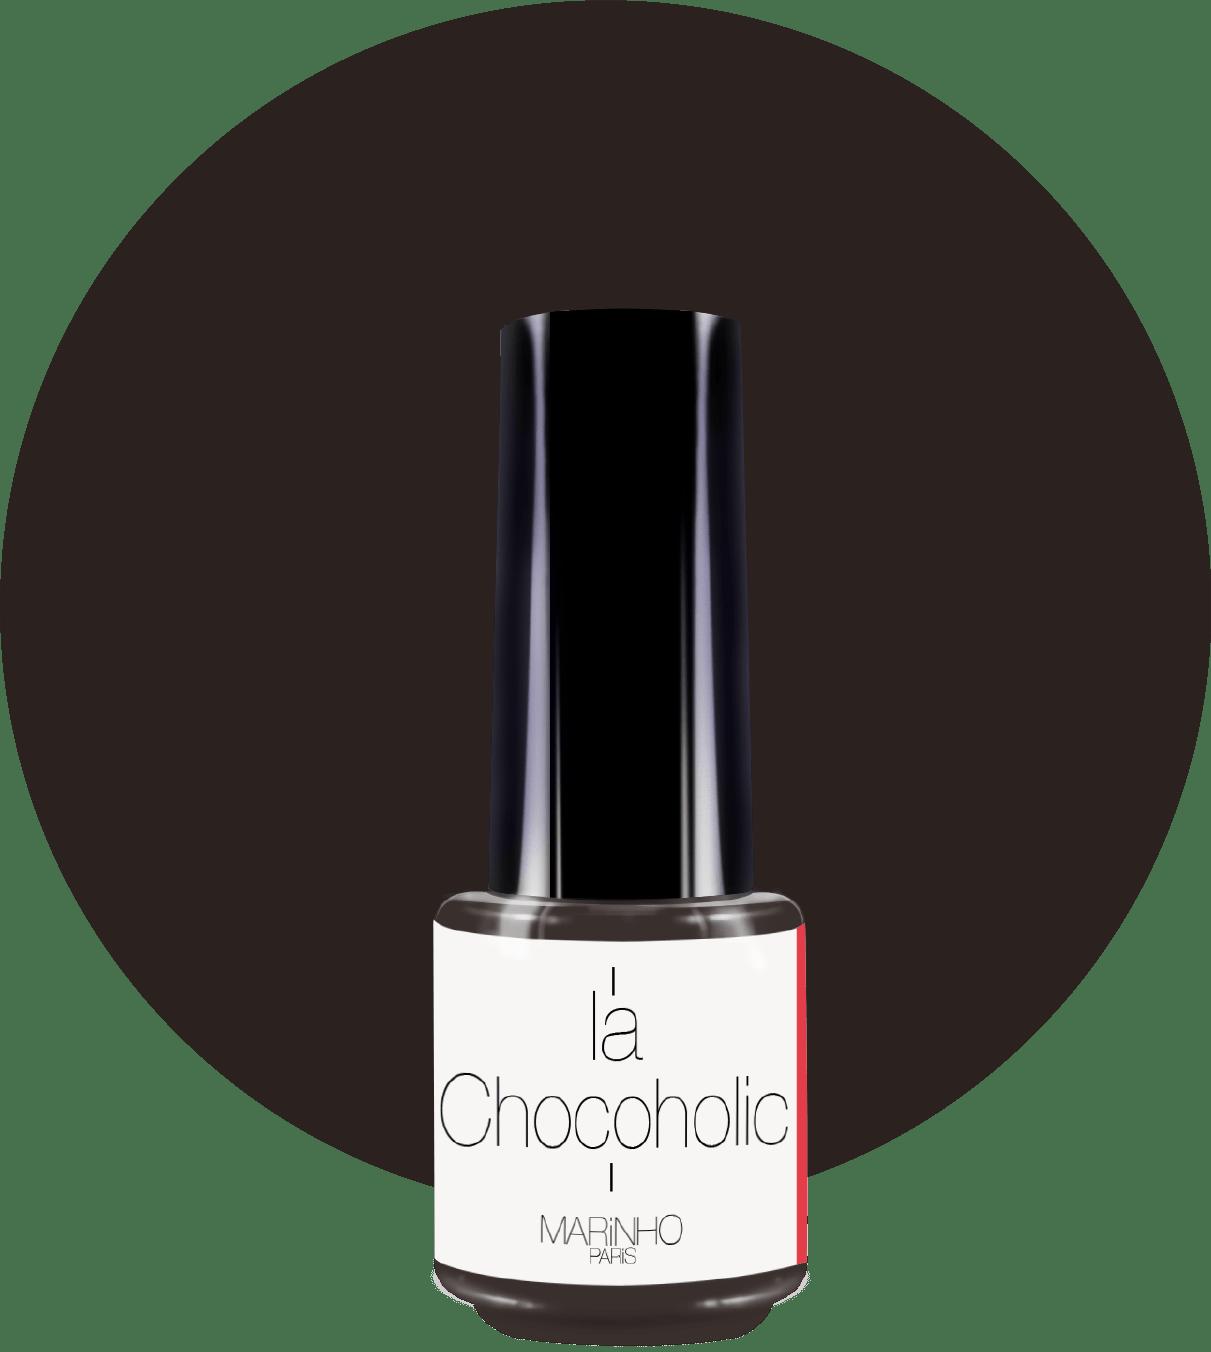 bouteille de vernis à ongle marron chocolat